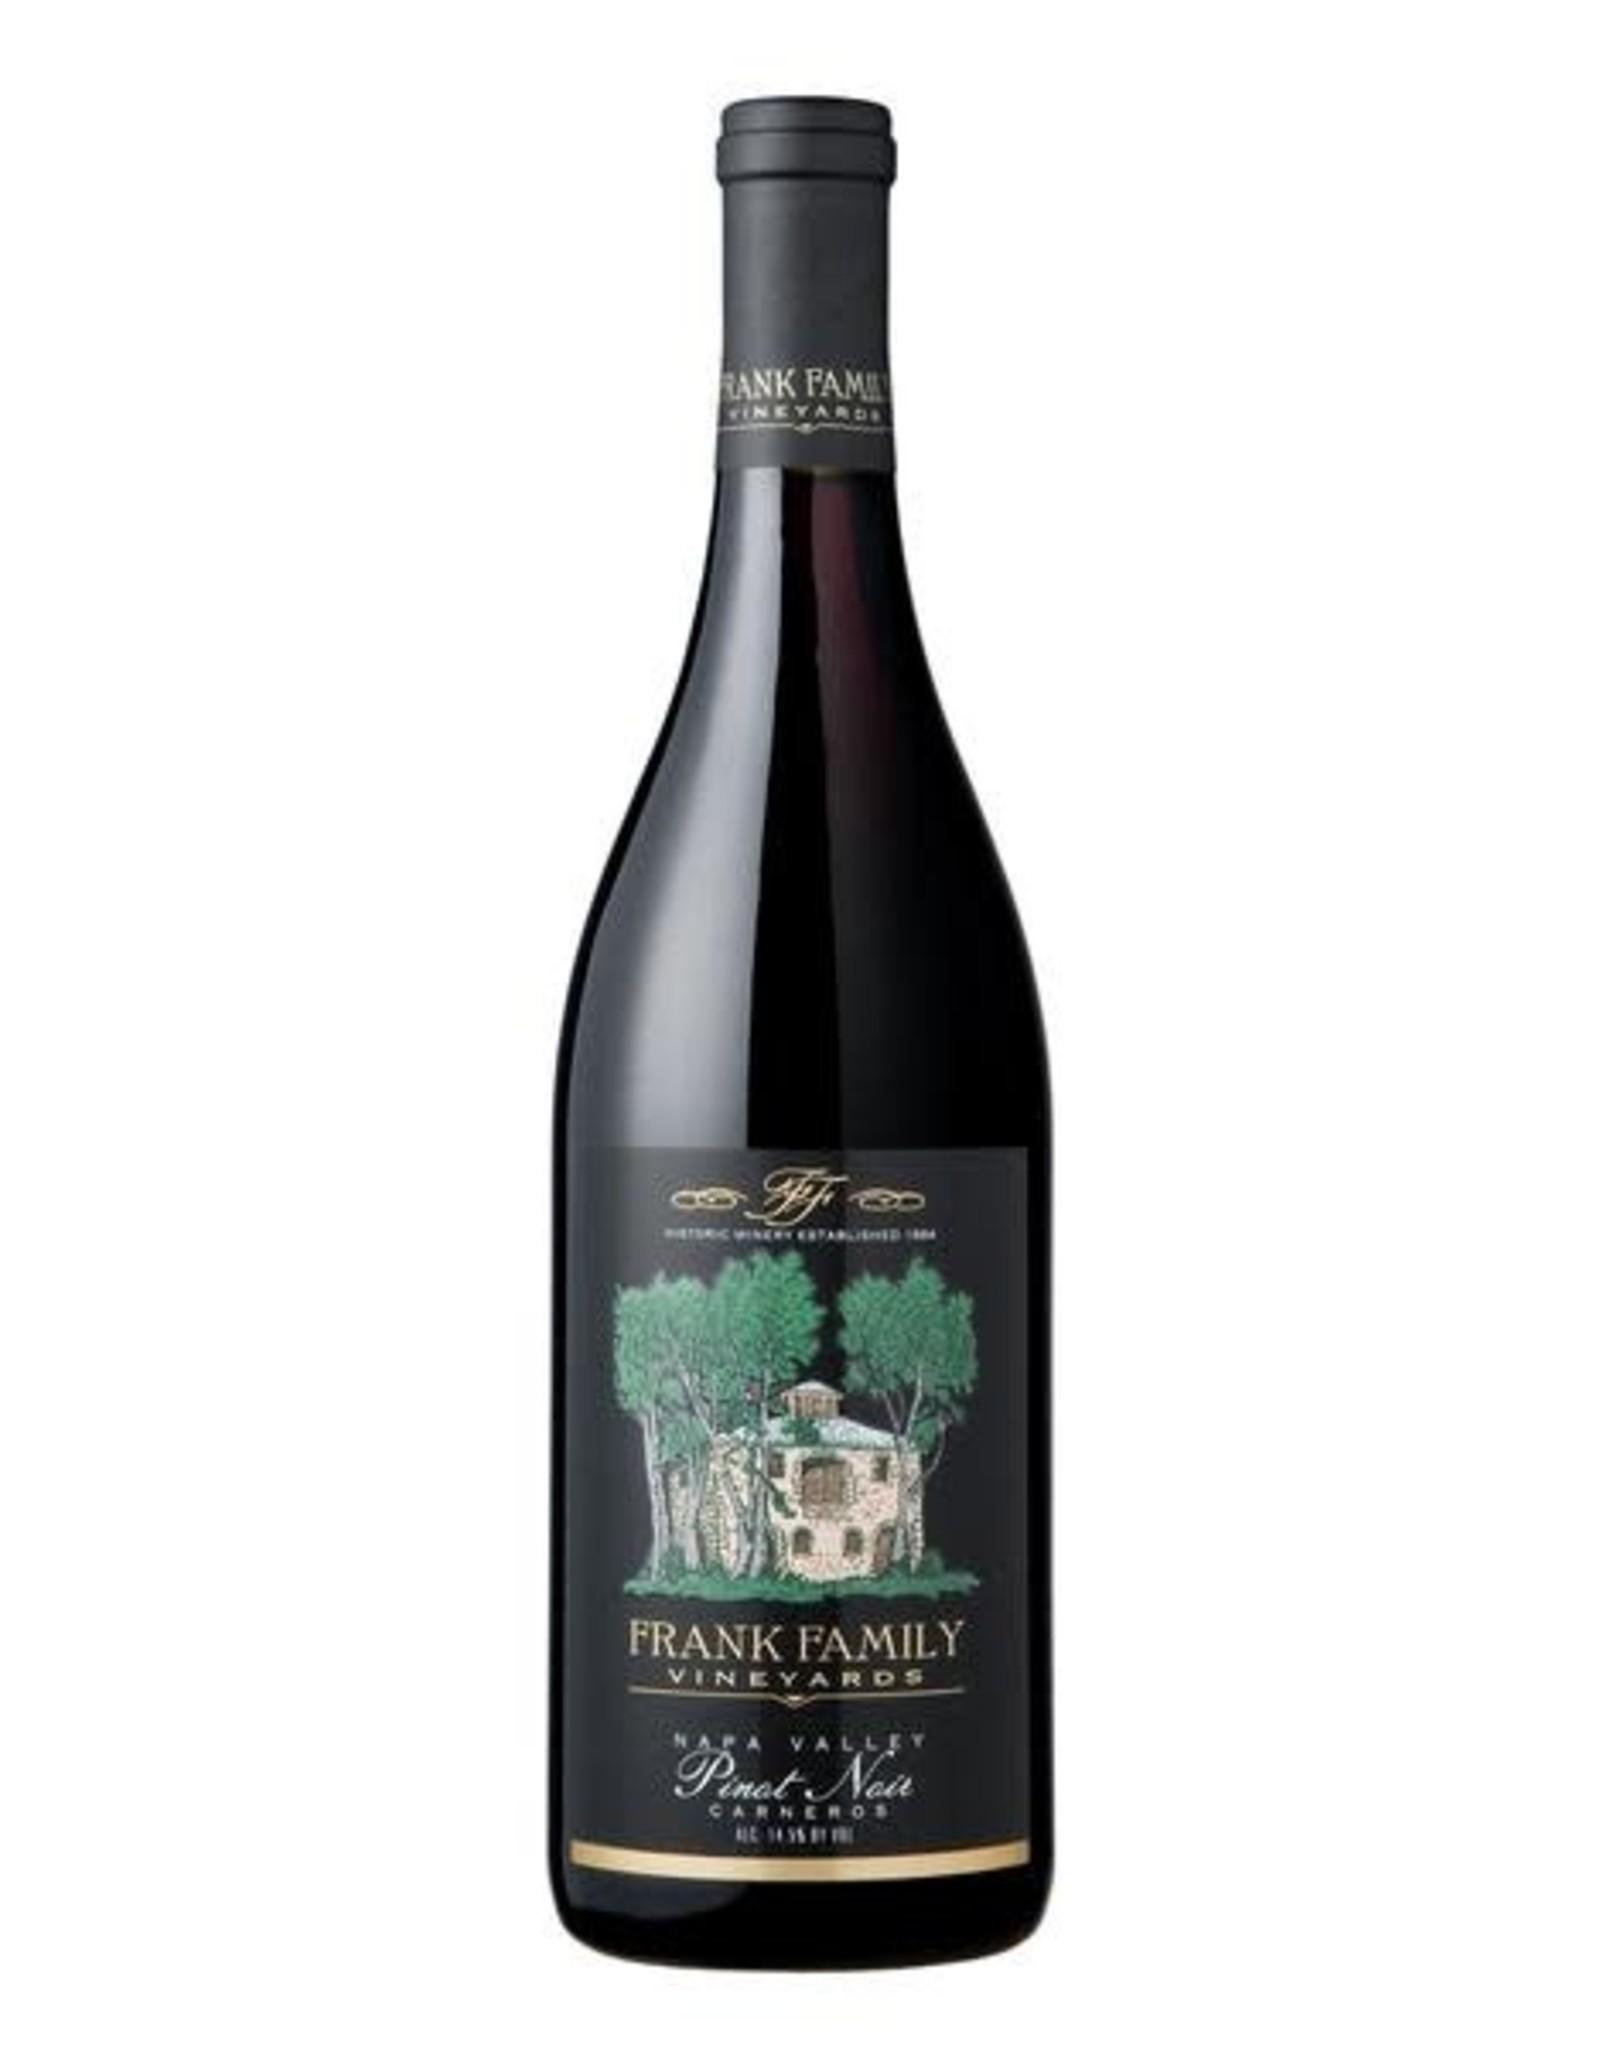 Frank Family Pinot Noir 2017